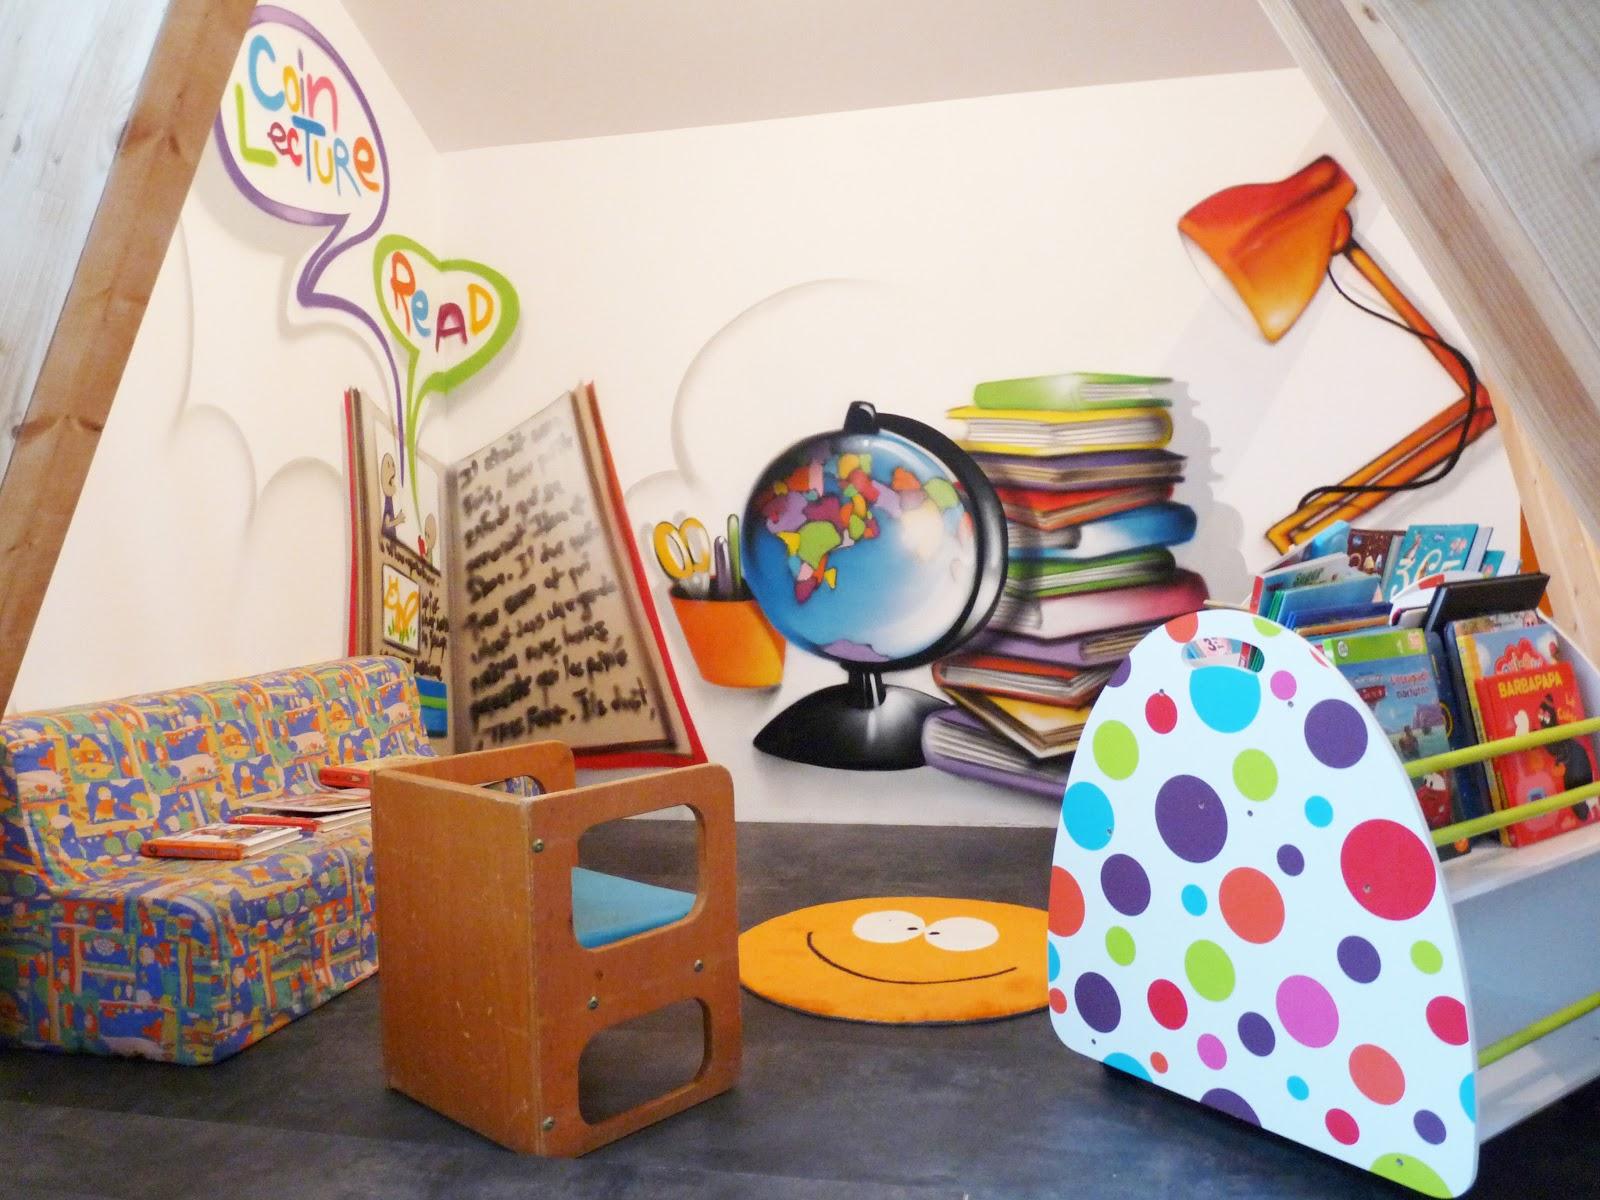 jeux de dcoration d intrieur affordable jeux de dcoration d intrieur with jeux de dcoration d. Black Bedroom Furniture Sets. Home Design Ideas